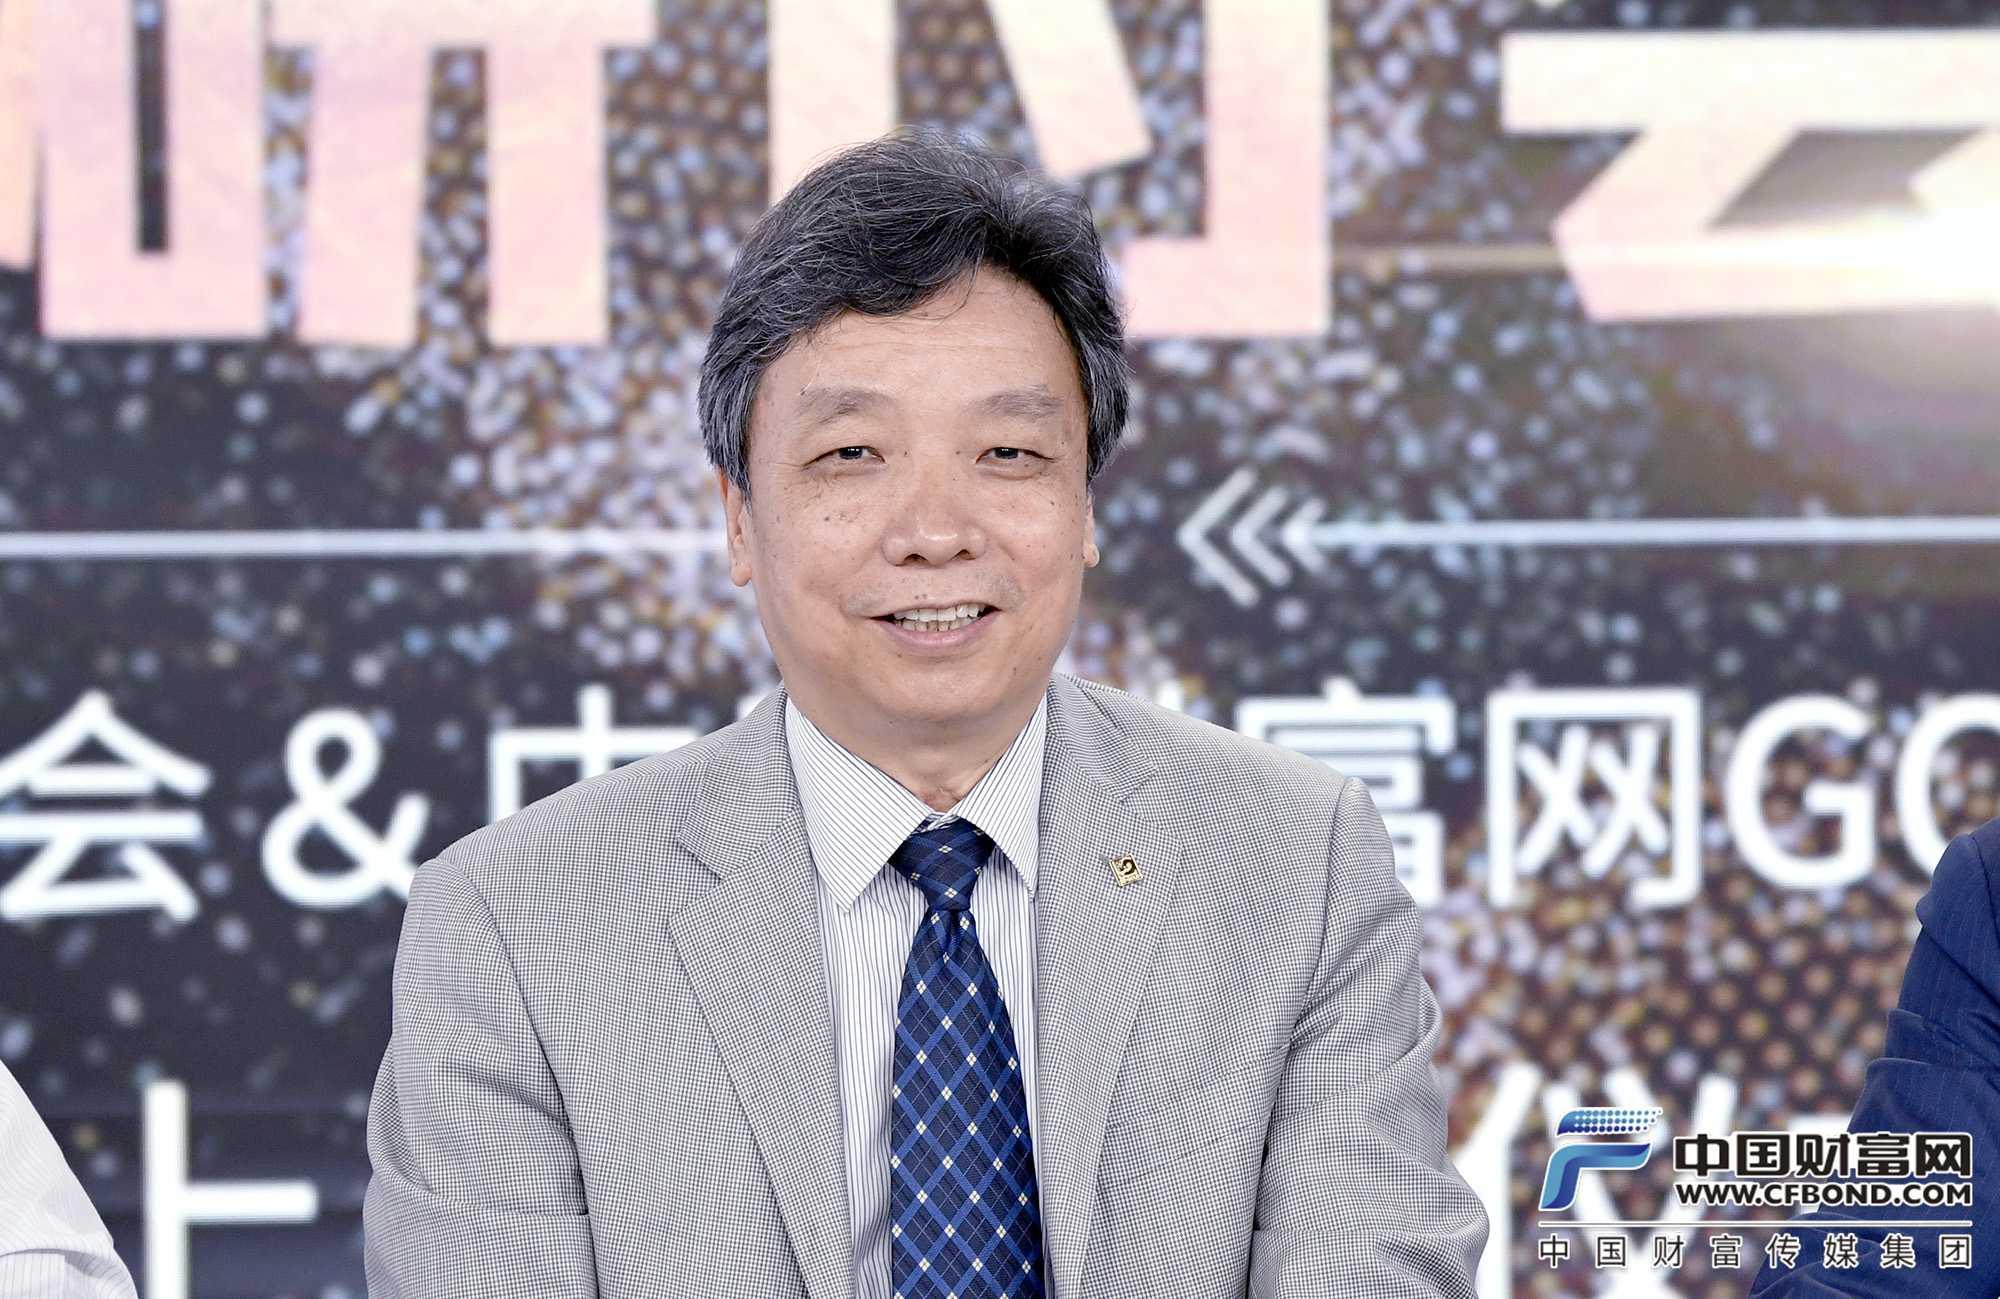 山东黄金集团有限公司董事长陈玉民